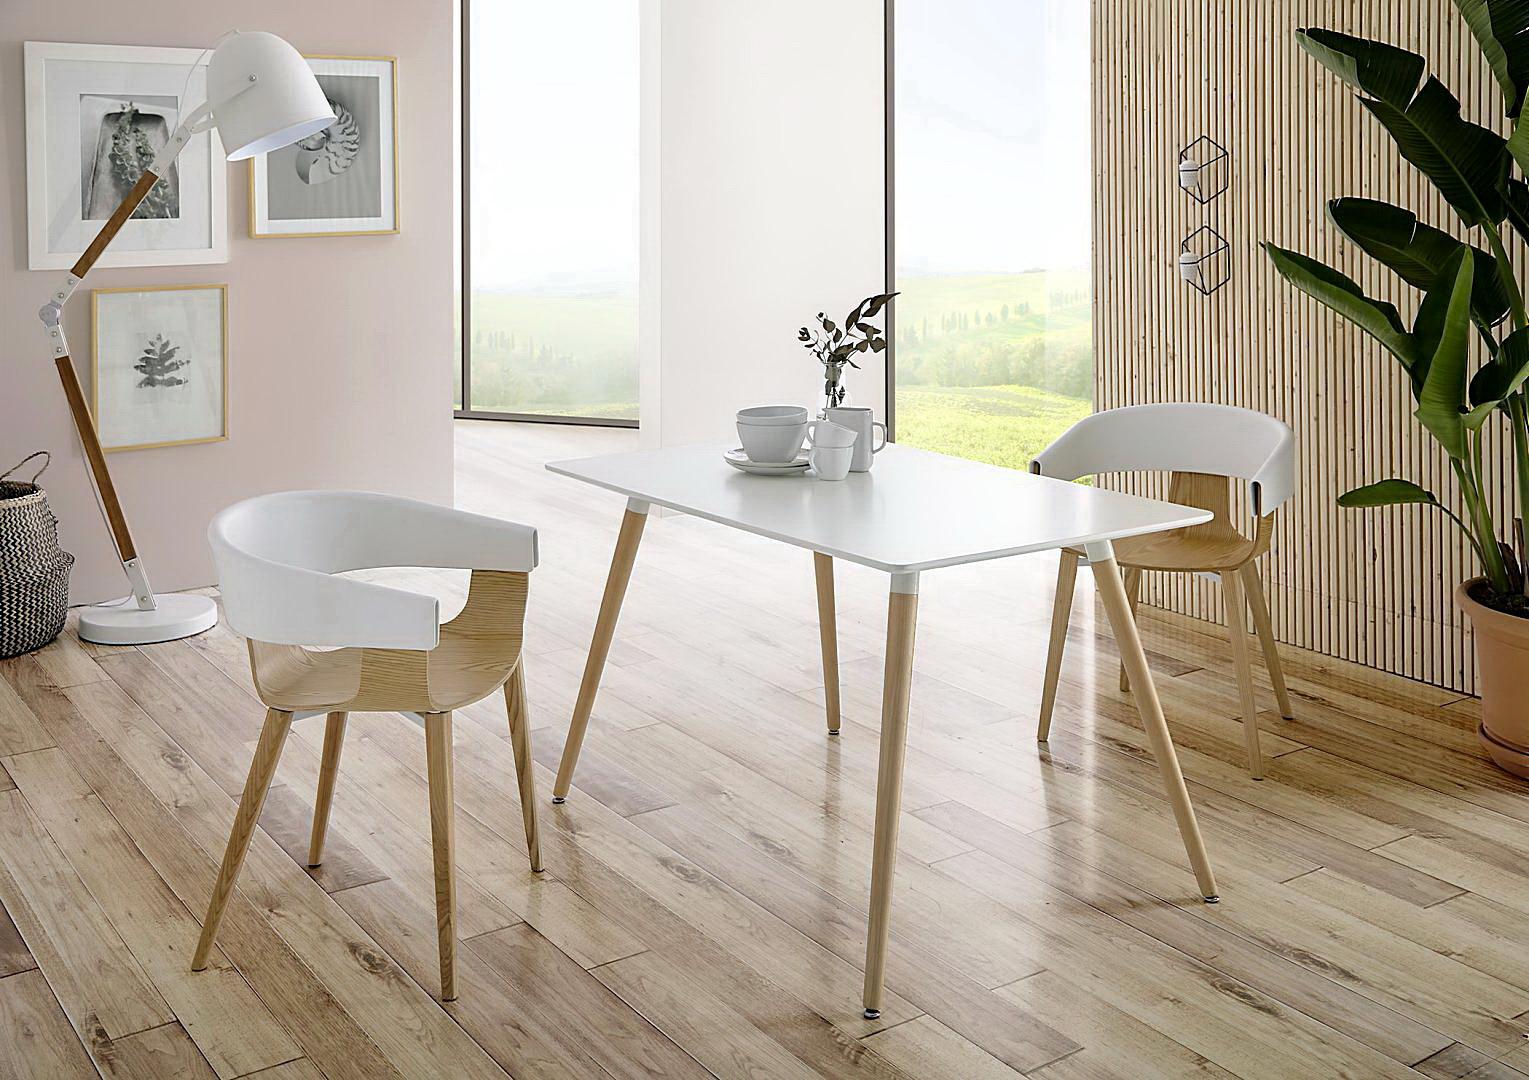 Mesas comedor estilo n rdico by dugarhome muebles anto n for Mesa comedor estilo nordico